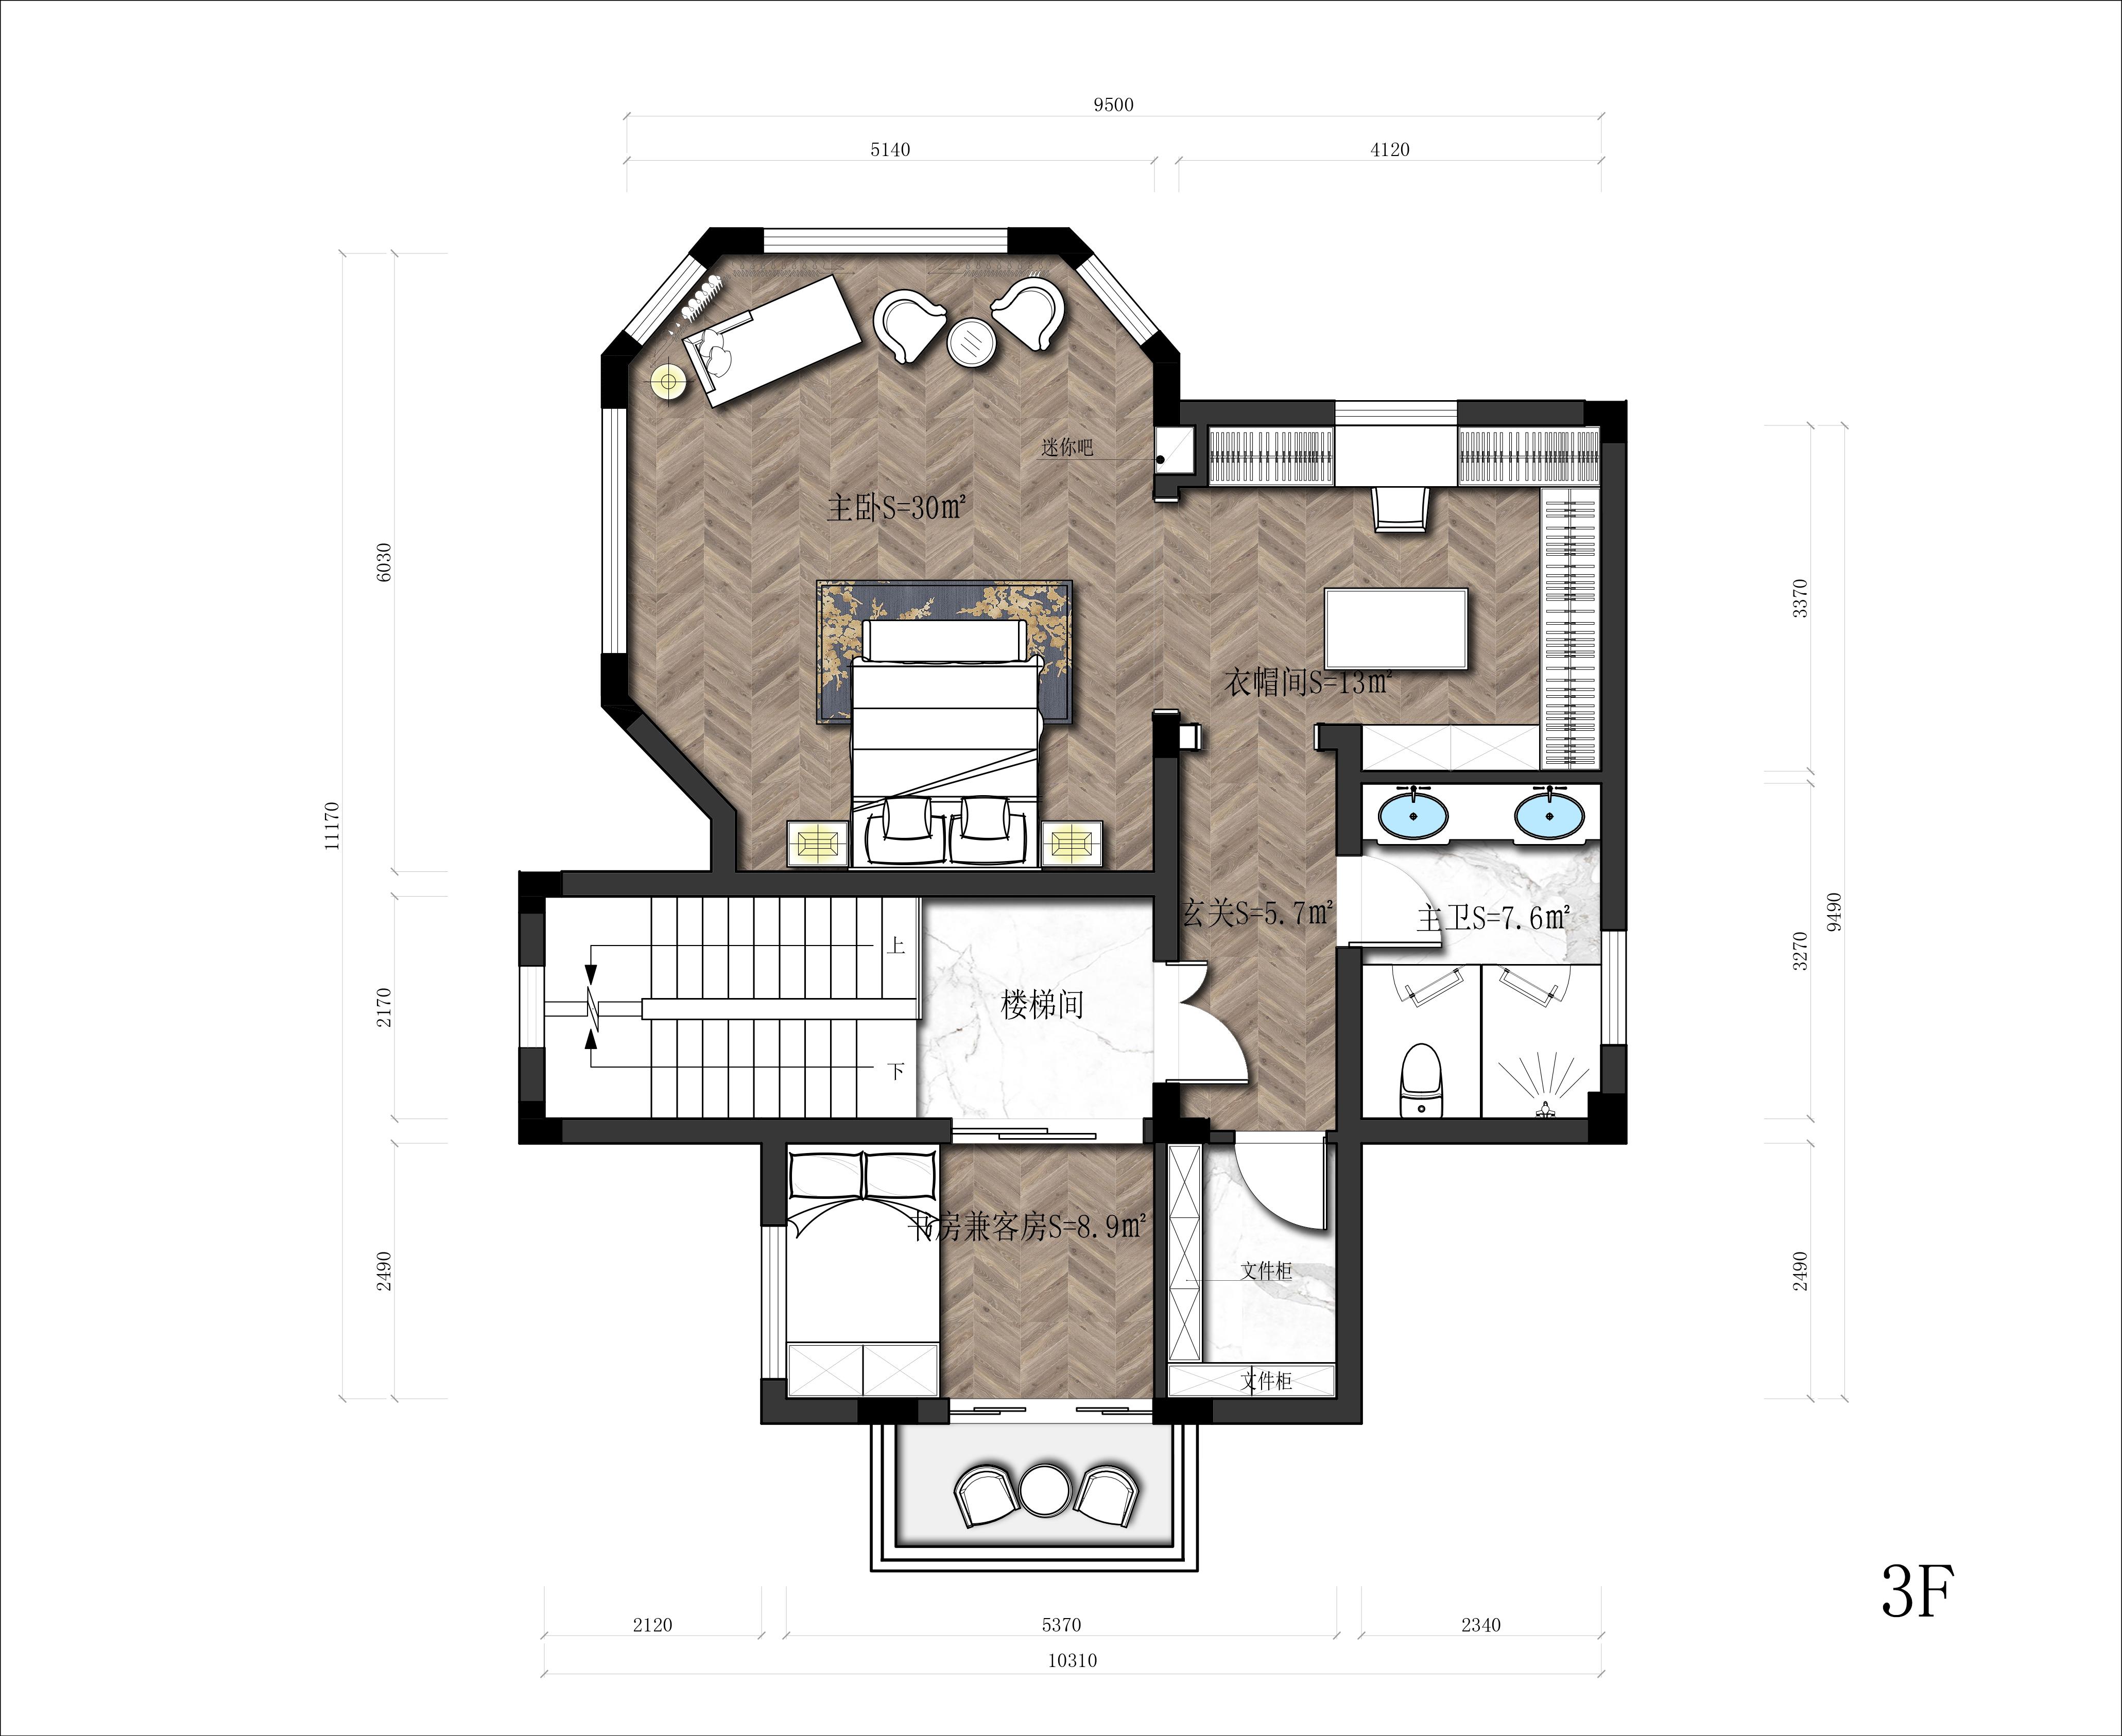 主卧面积太大(30平),想隔开到18平左右,或者在房间做功能分区